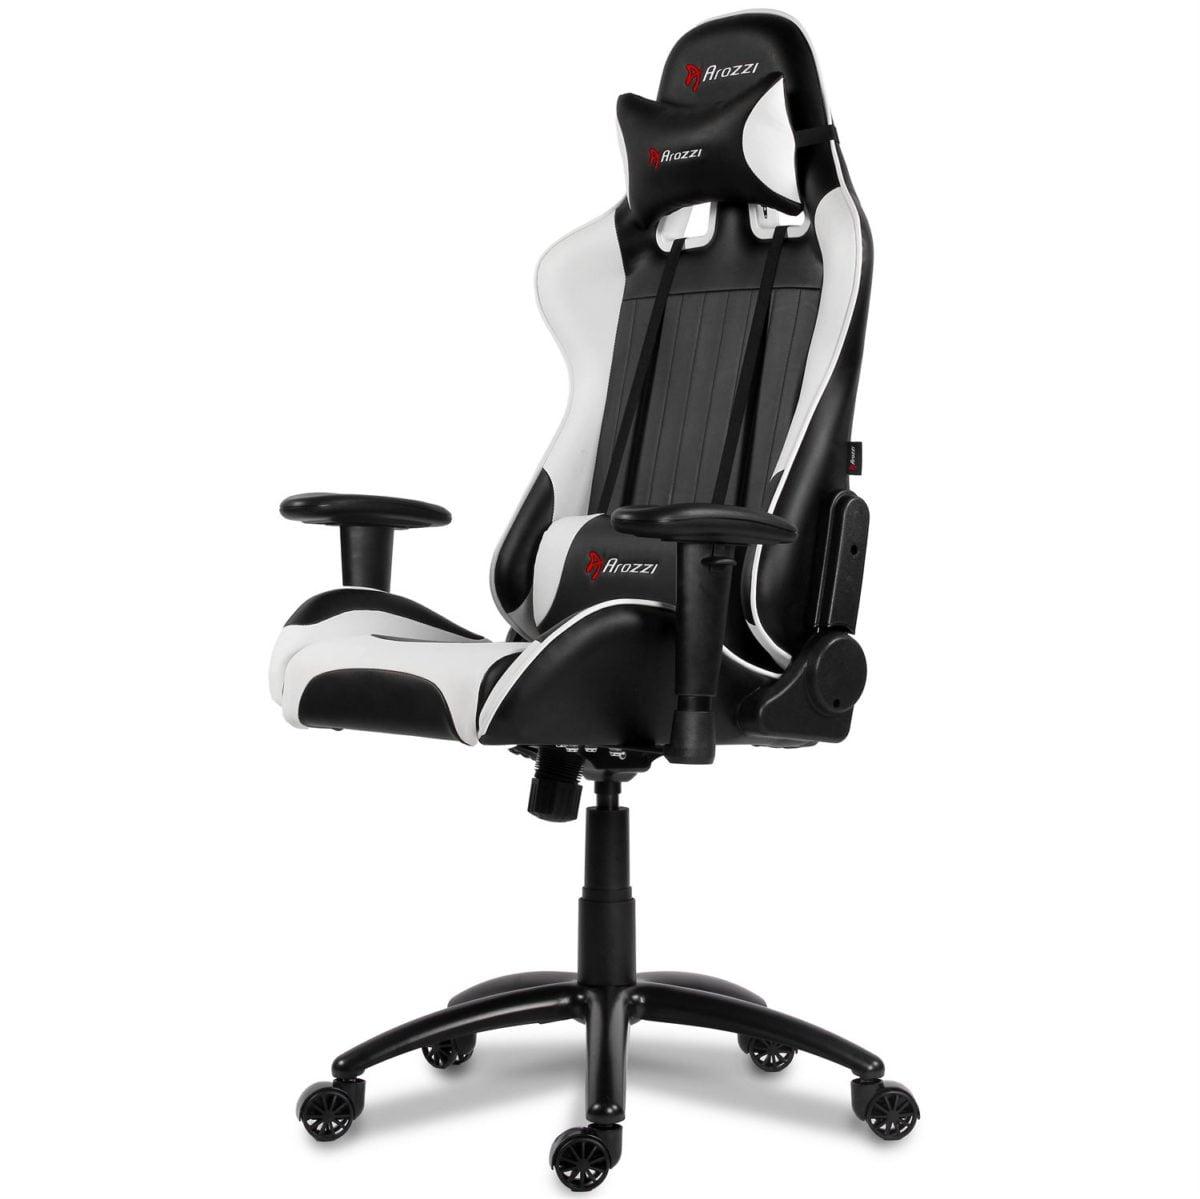 Tre gode grunde til at du bør investere i en gaming-stol